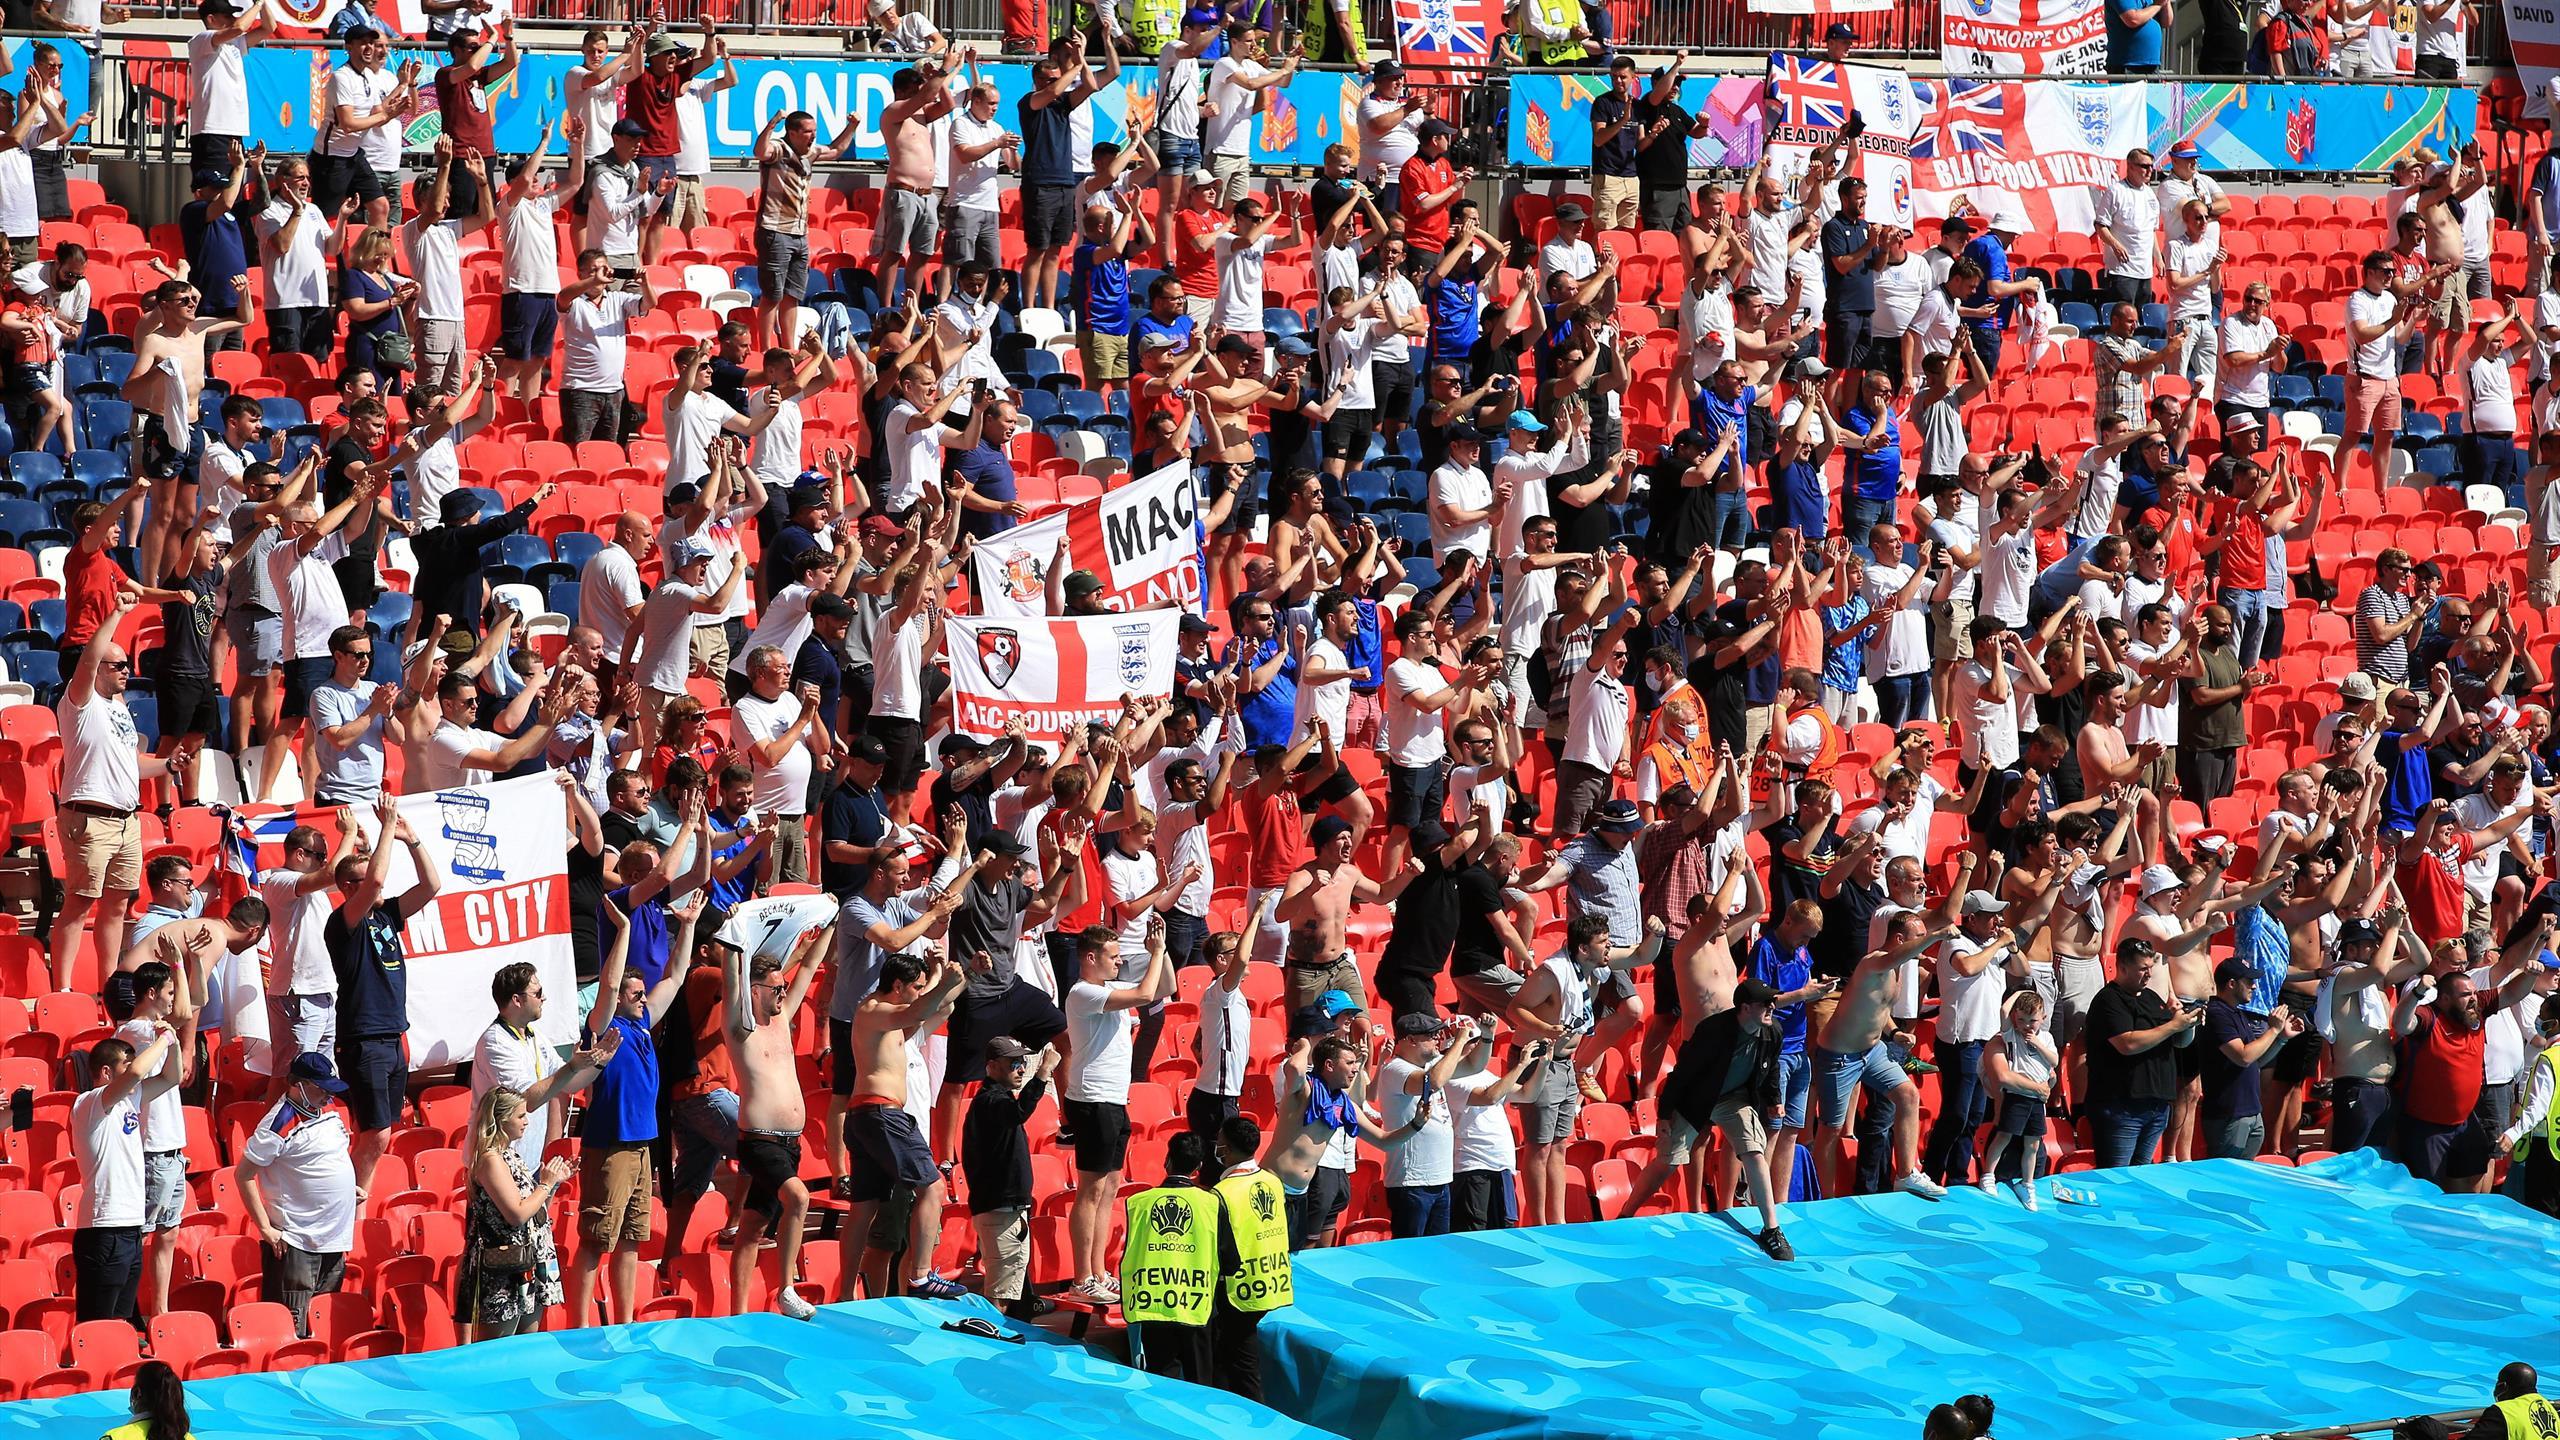 Un supporter dans un état grave après une chute à Wembley